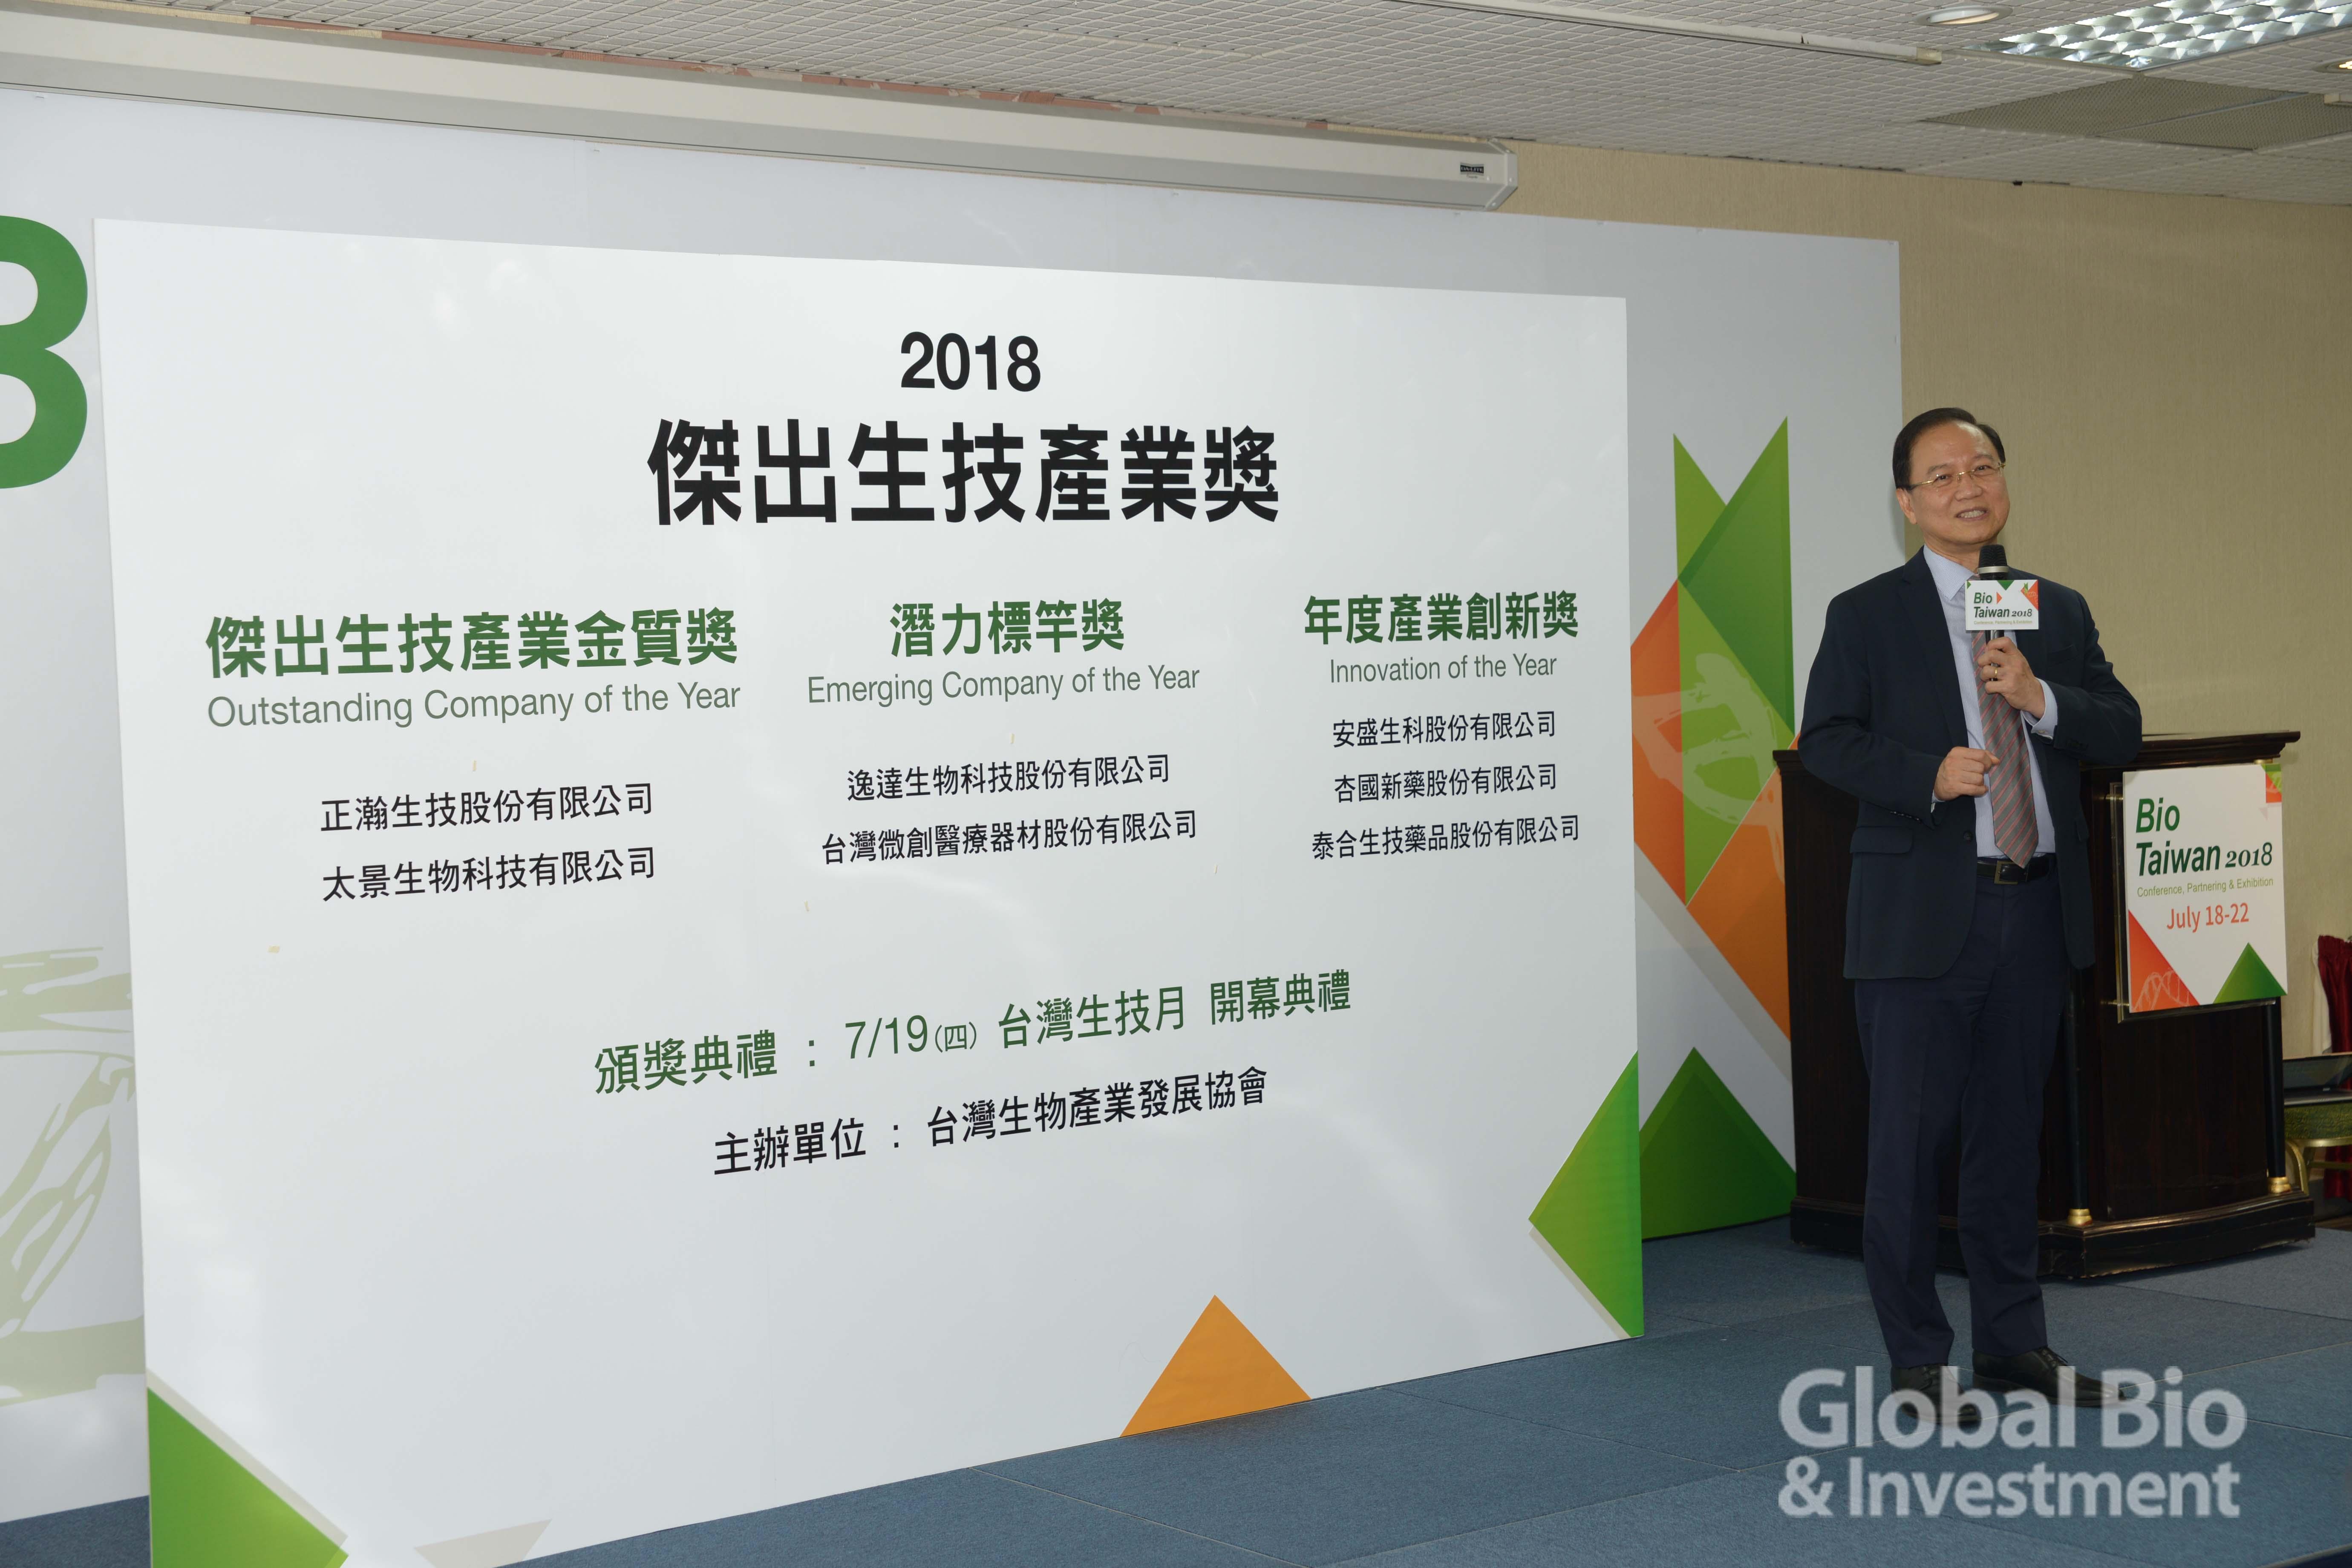 理事長李鍾熙今率先公佈「2018傑出生技產業獎」得獎名單。(攝/環球生技月刊)